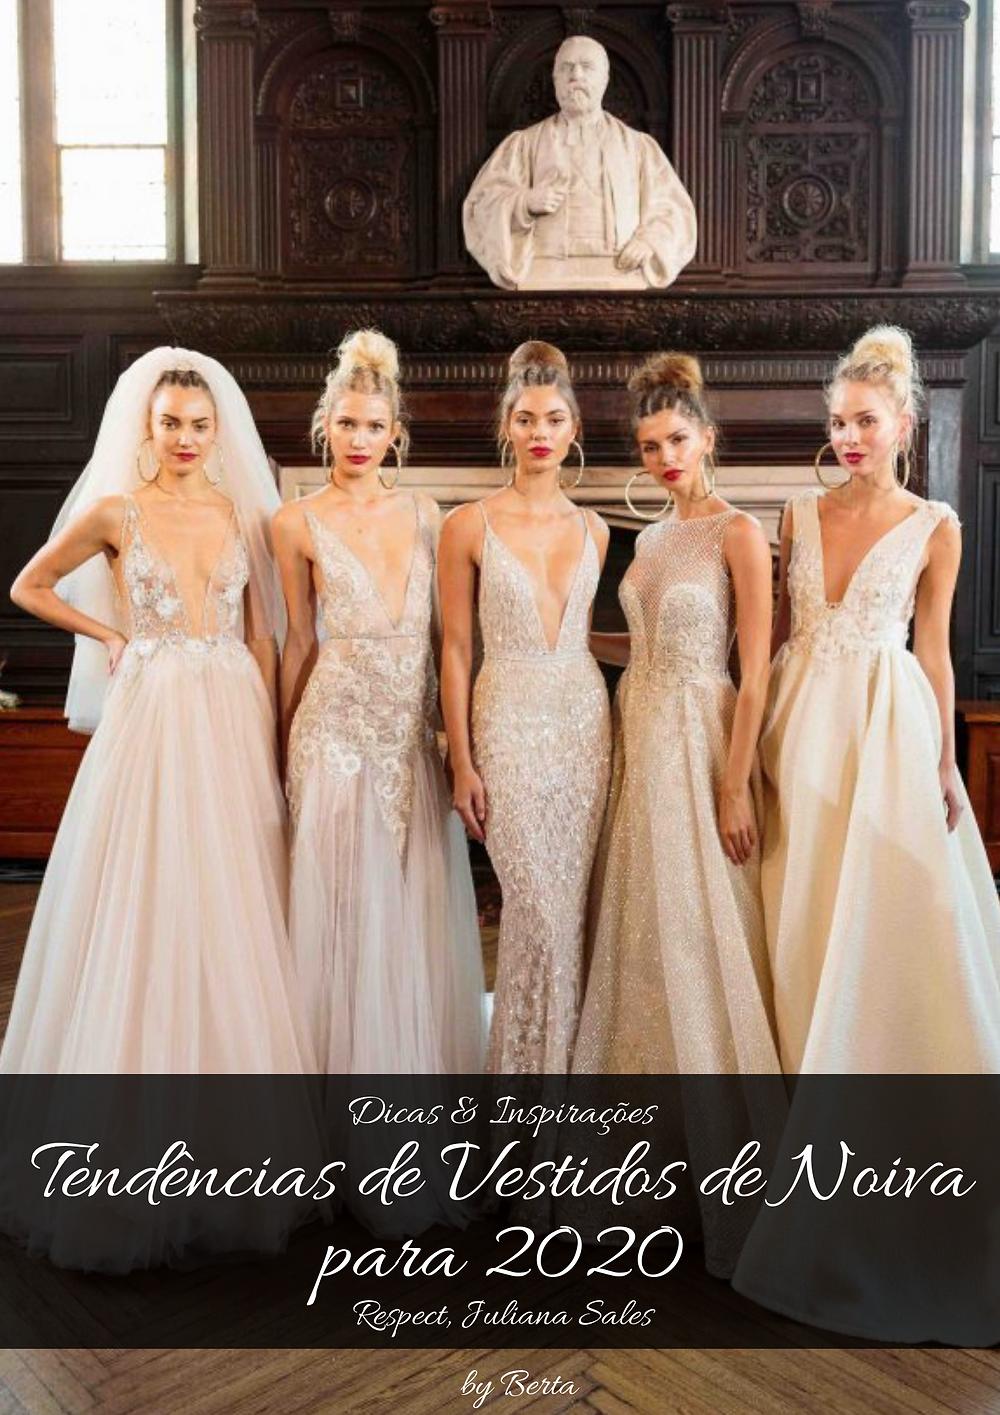 Tendências de Vestidos de Noiva para 2020